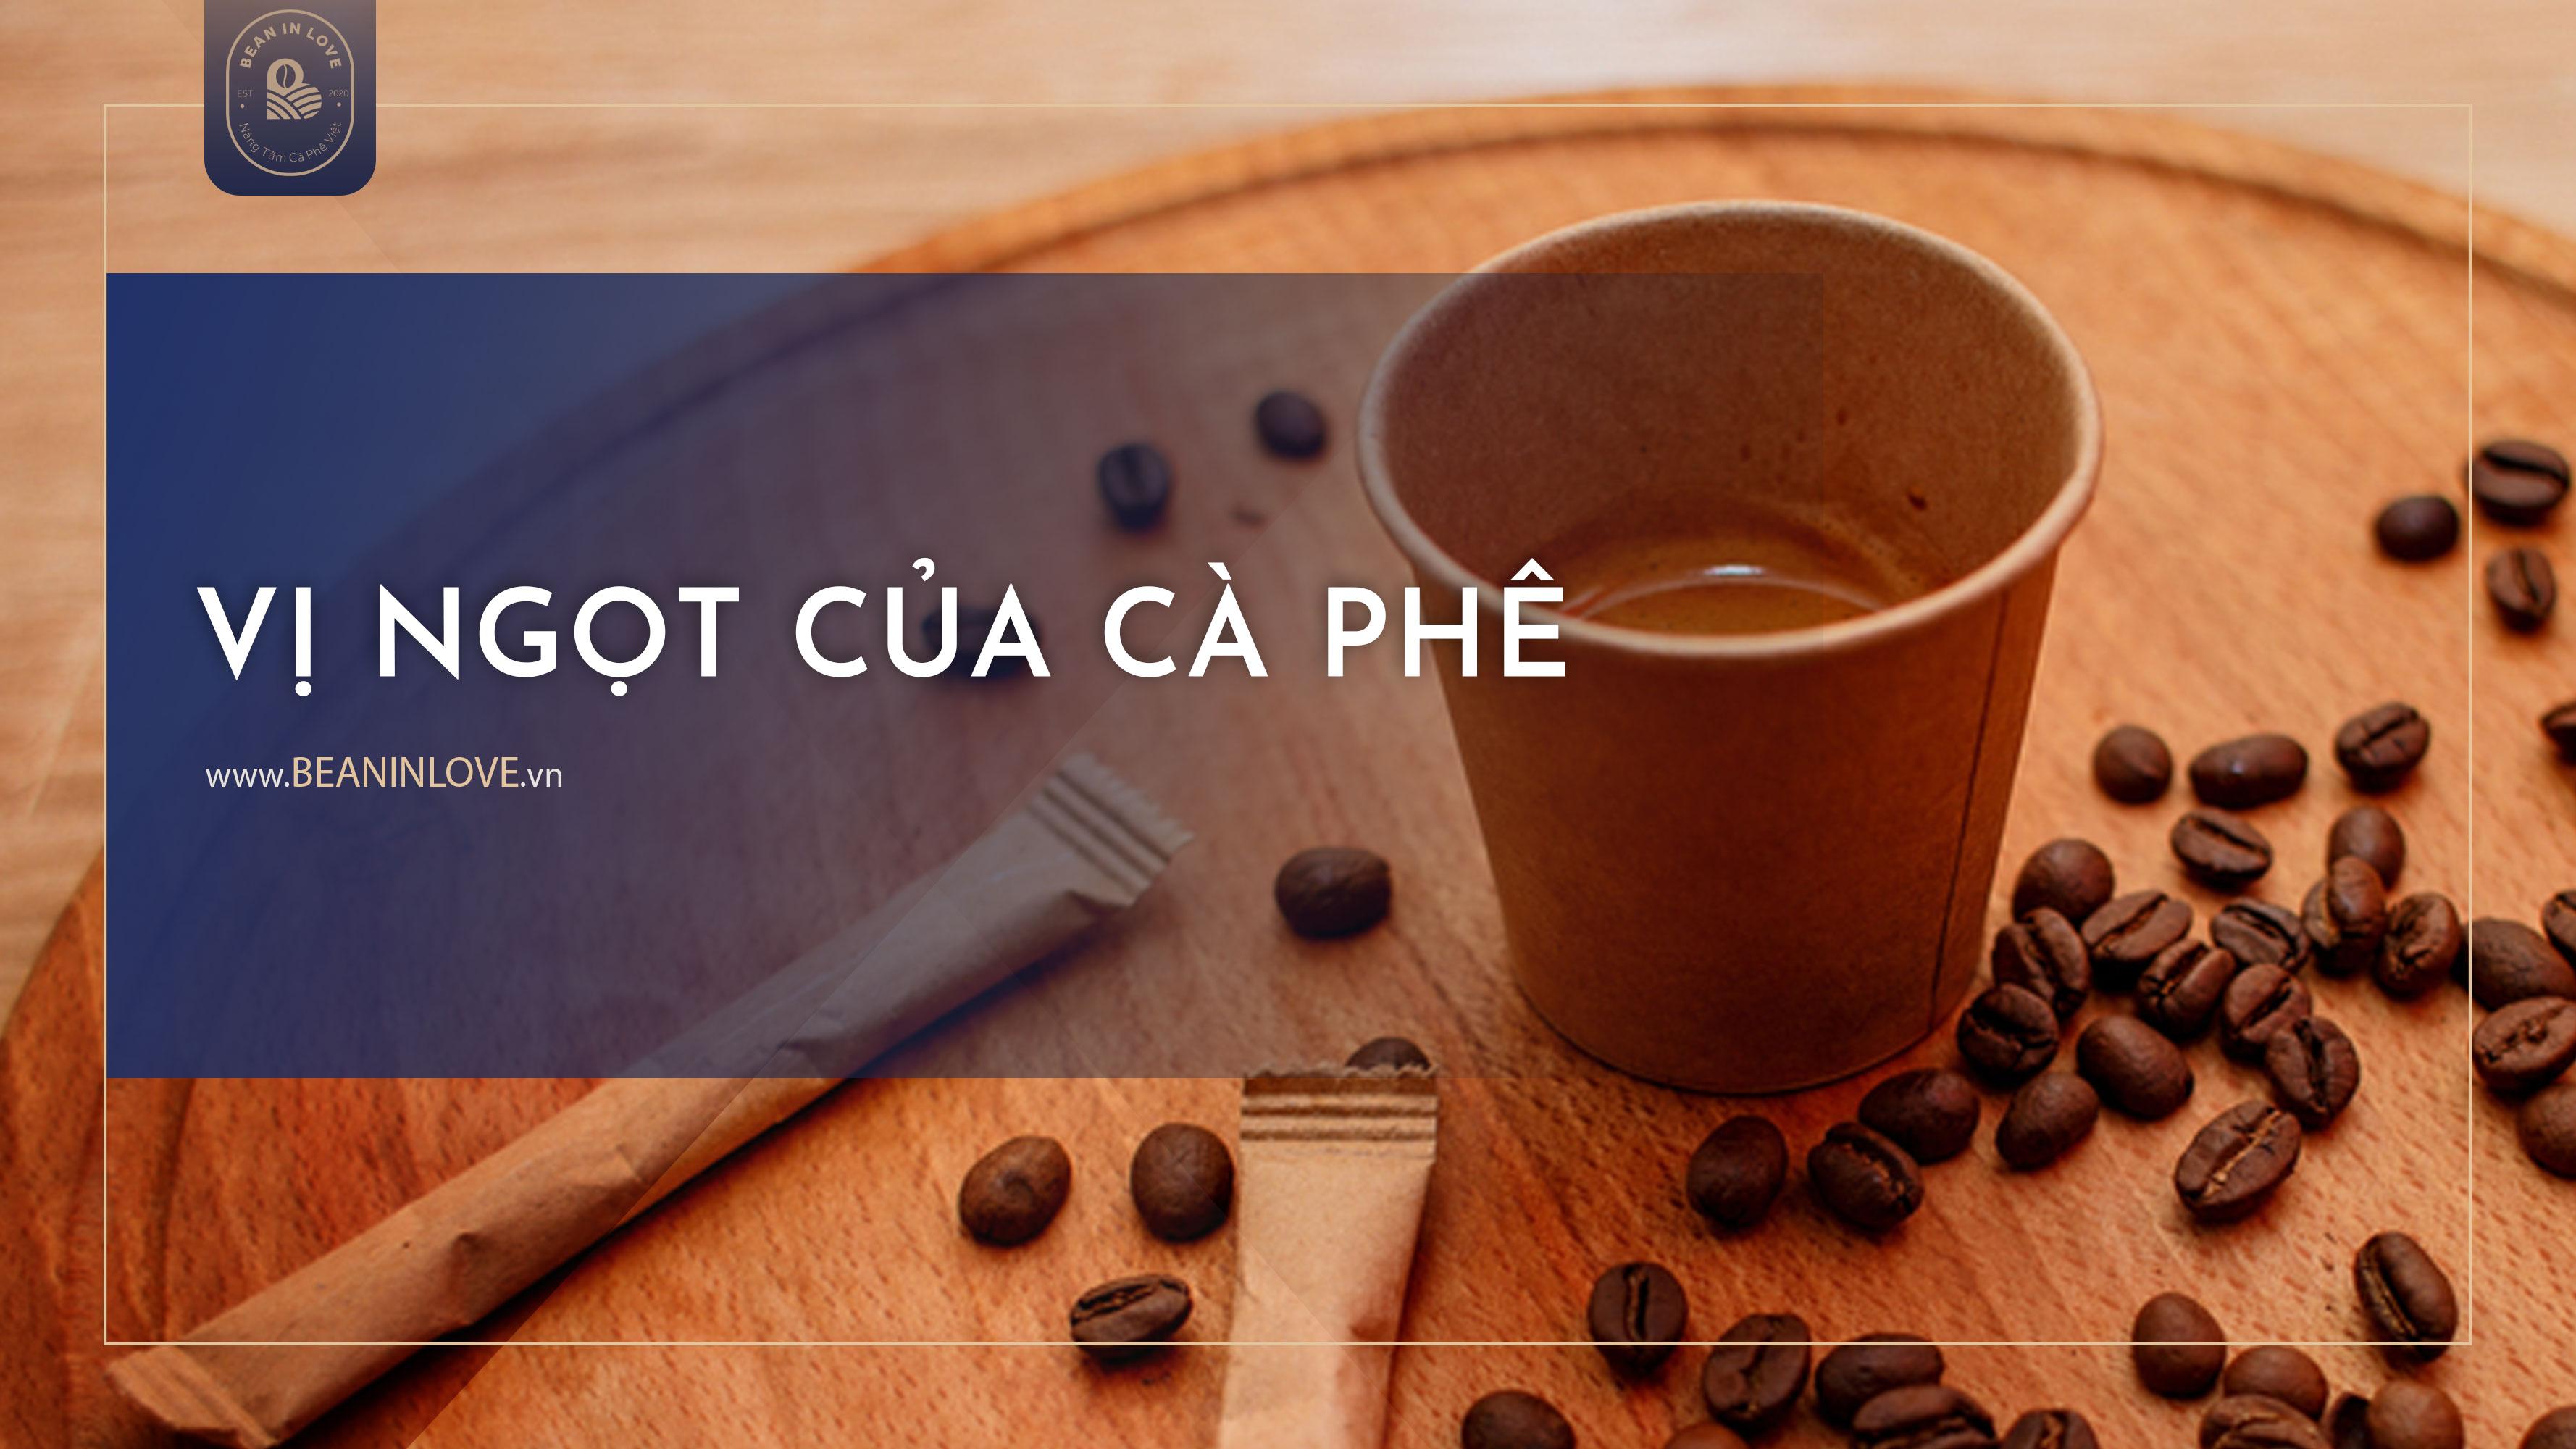 Vị ngọt của cà phê